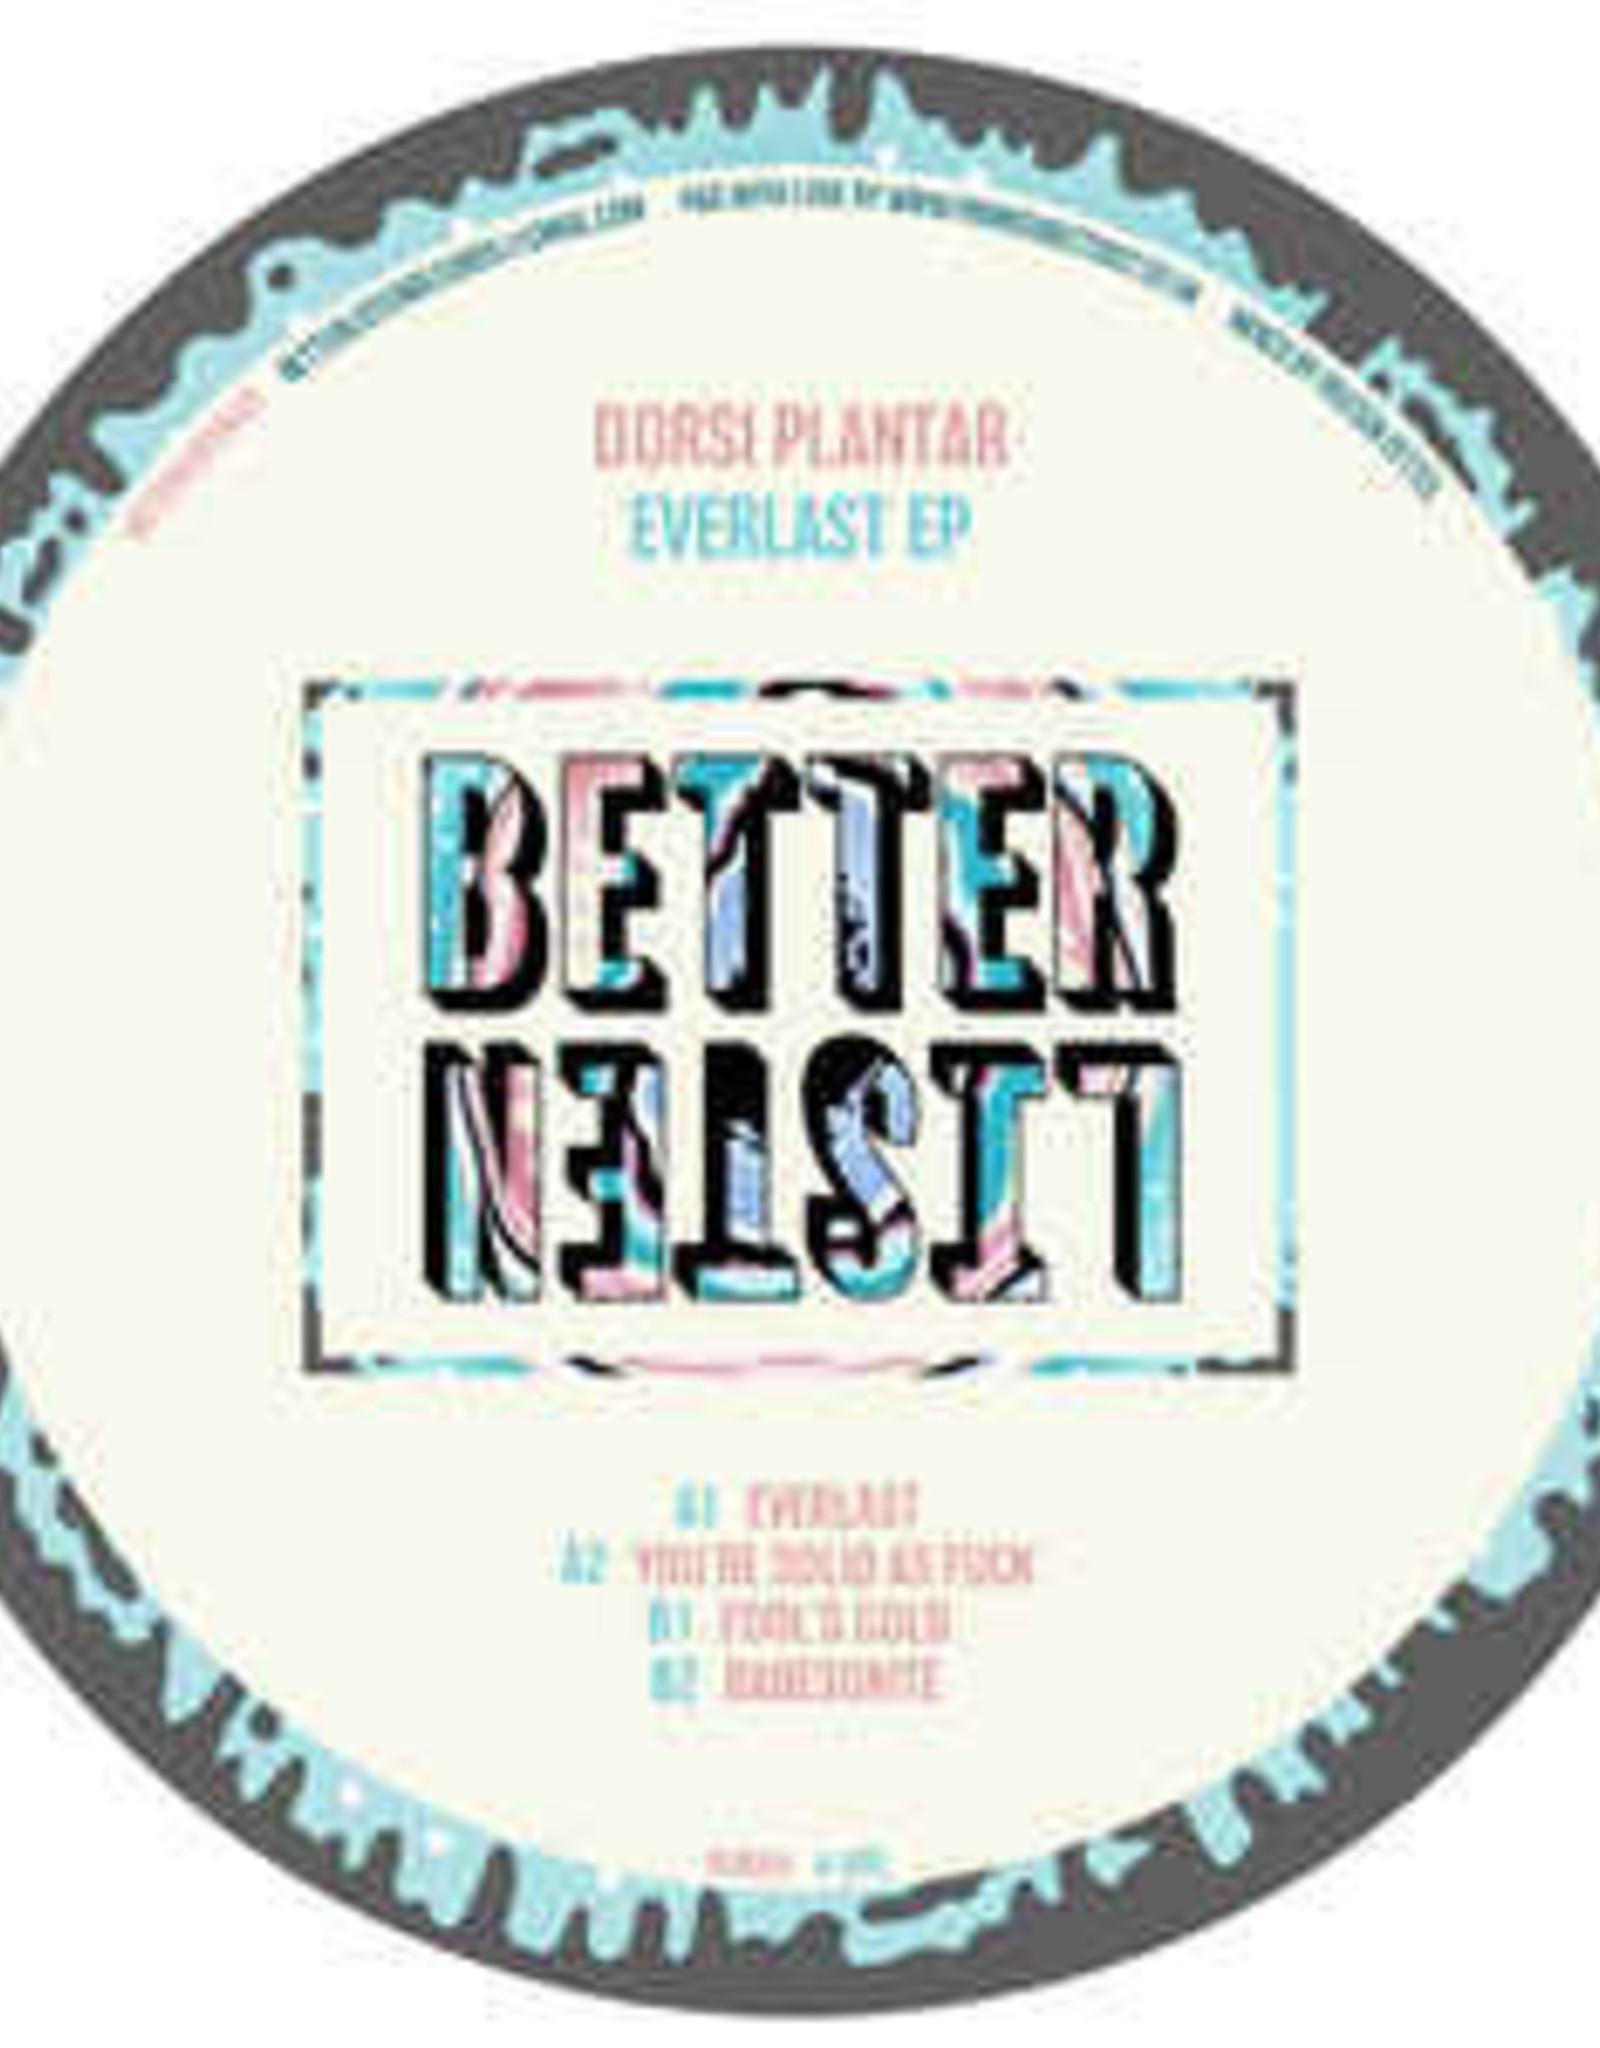 """Better Listen 4 - Dorsi Plantar - Everlast Ep (12"""", Ep)"""